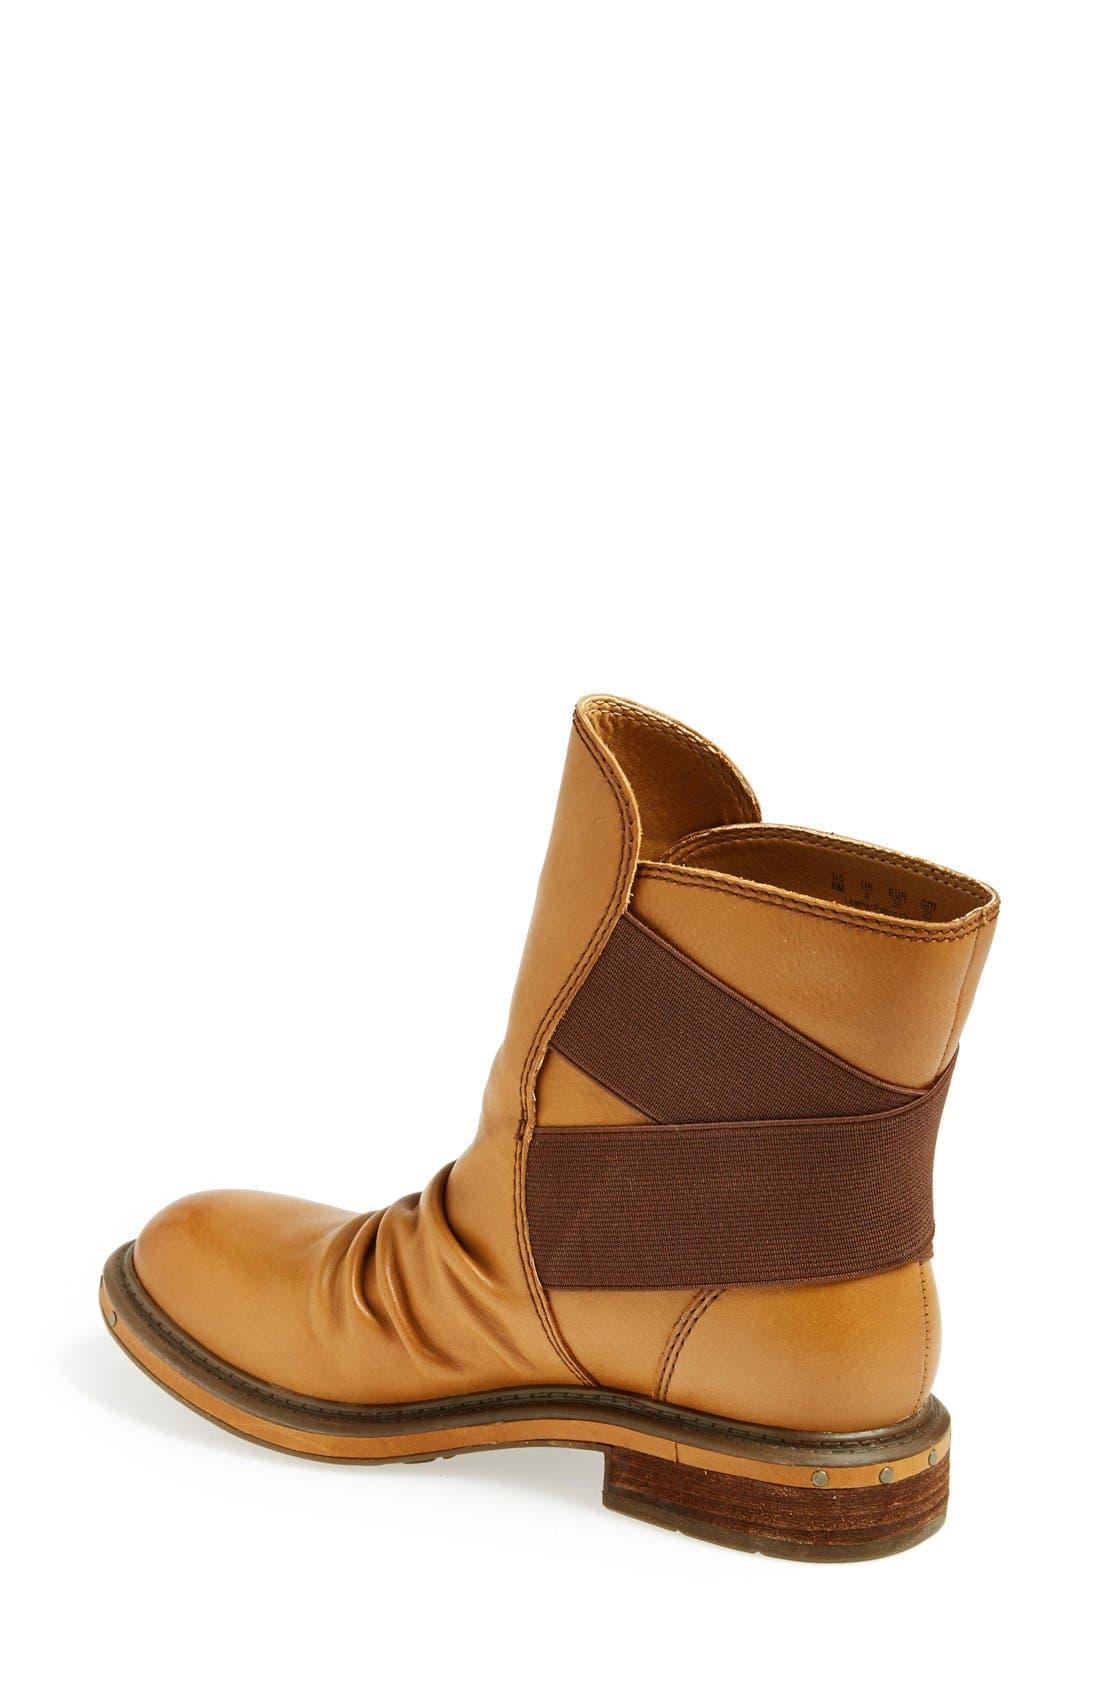 Alternate Image 2  - Naya 'Retro' Boot (Women)